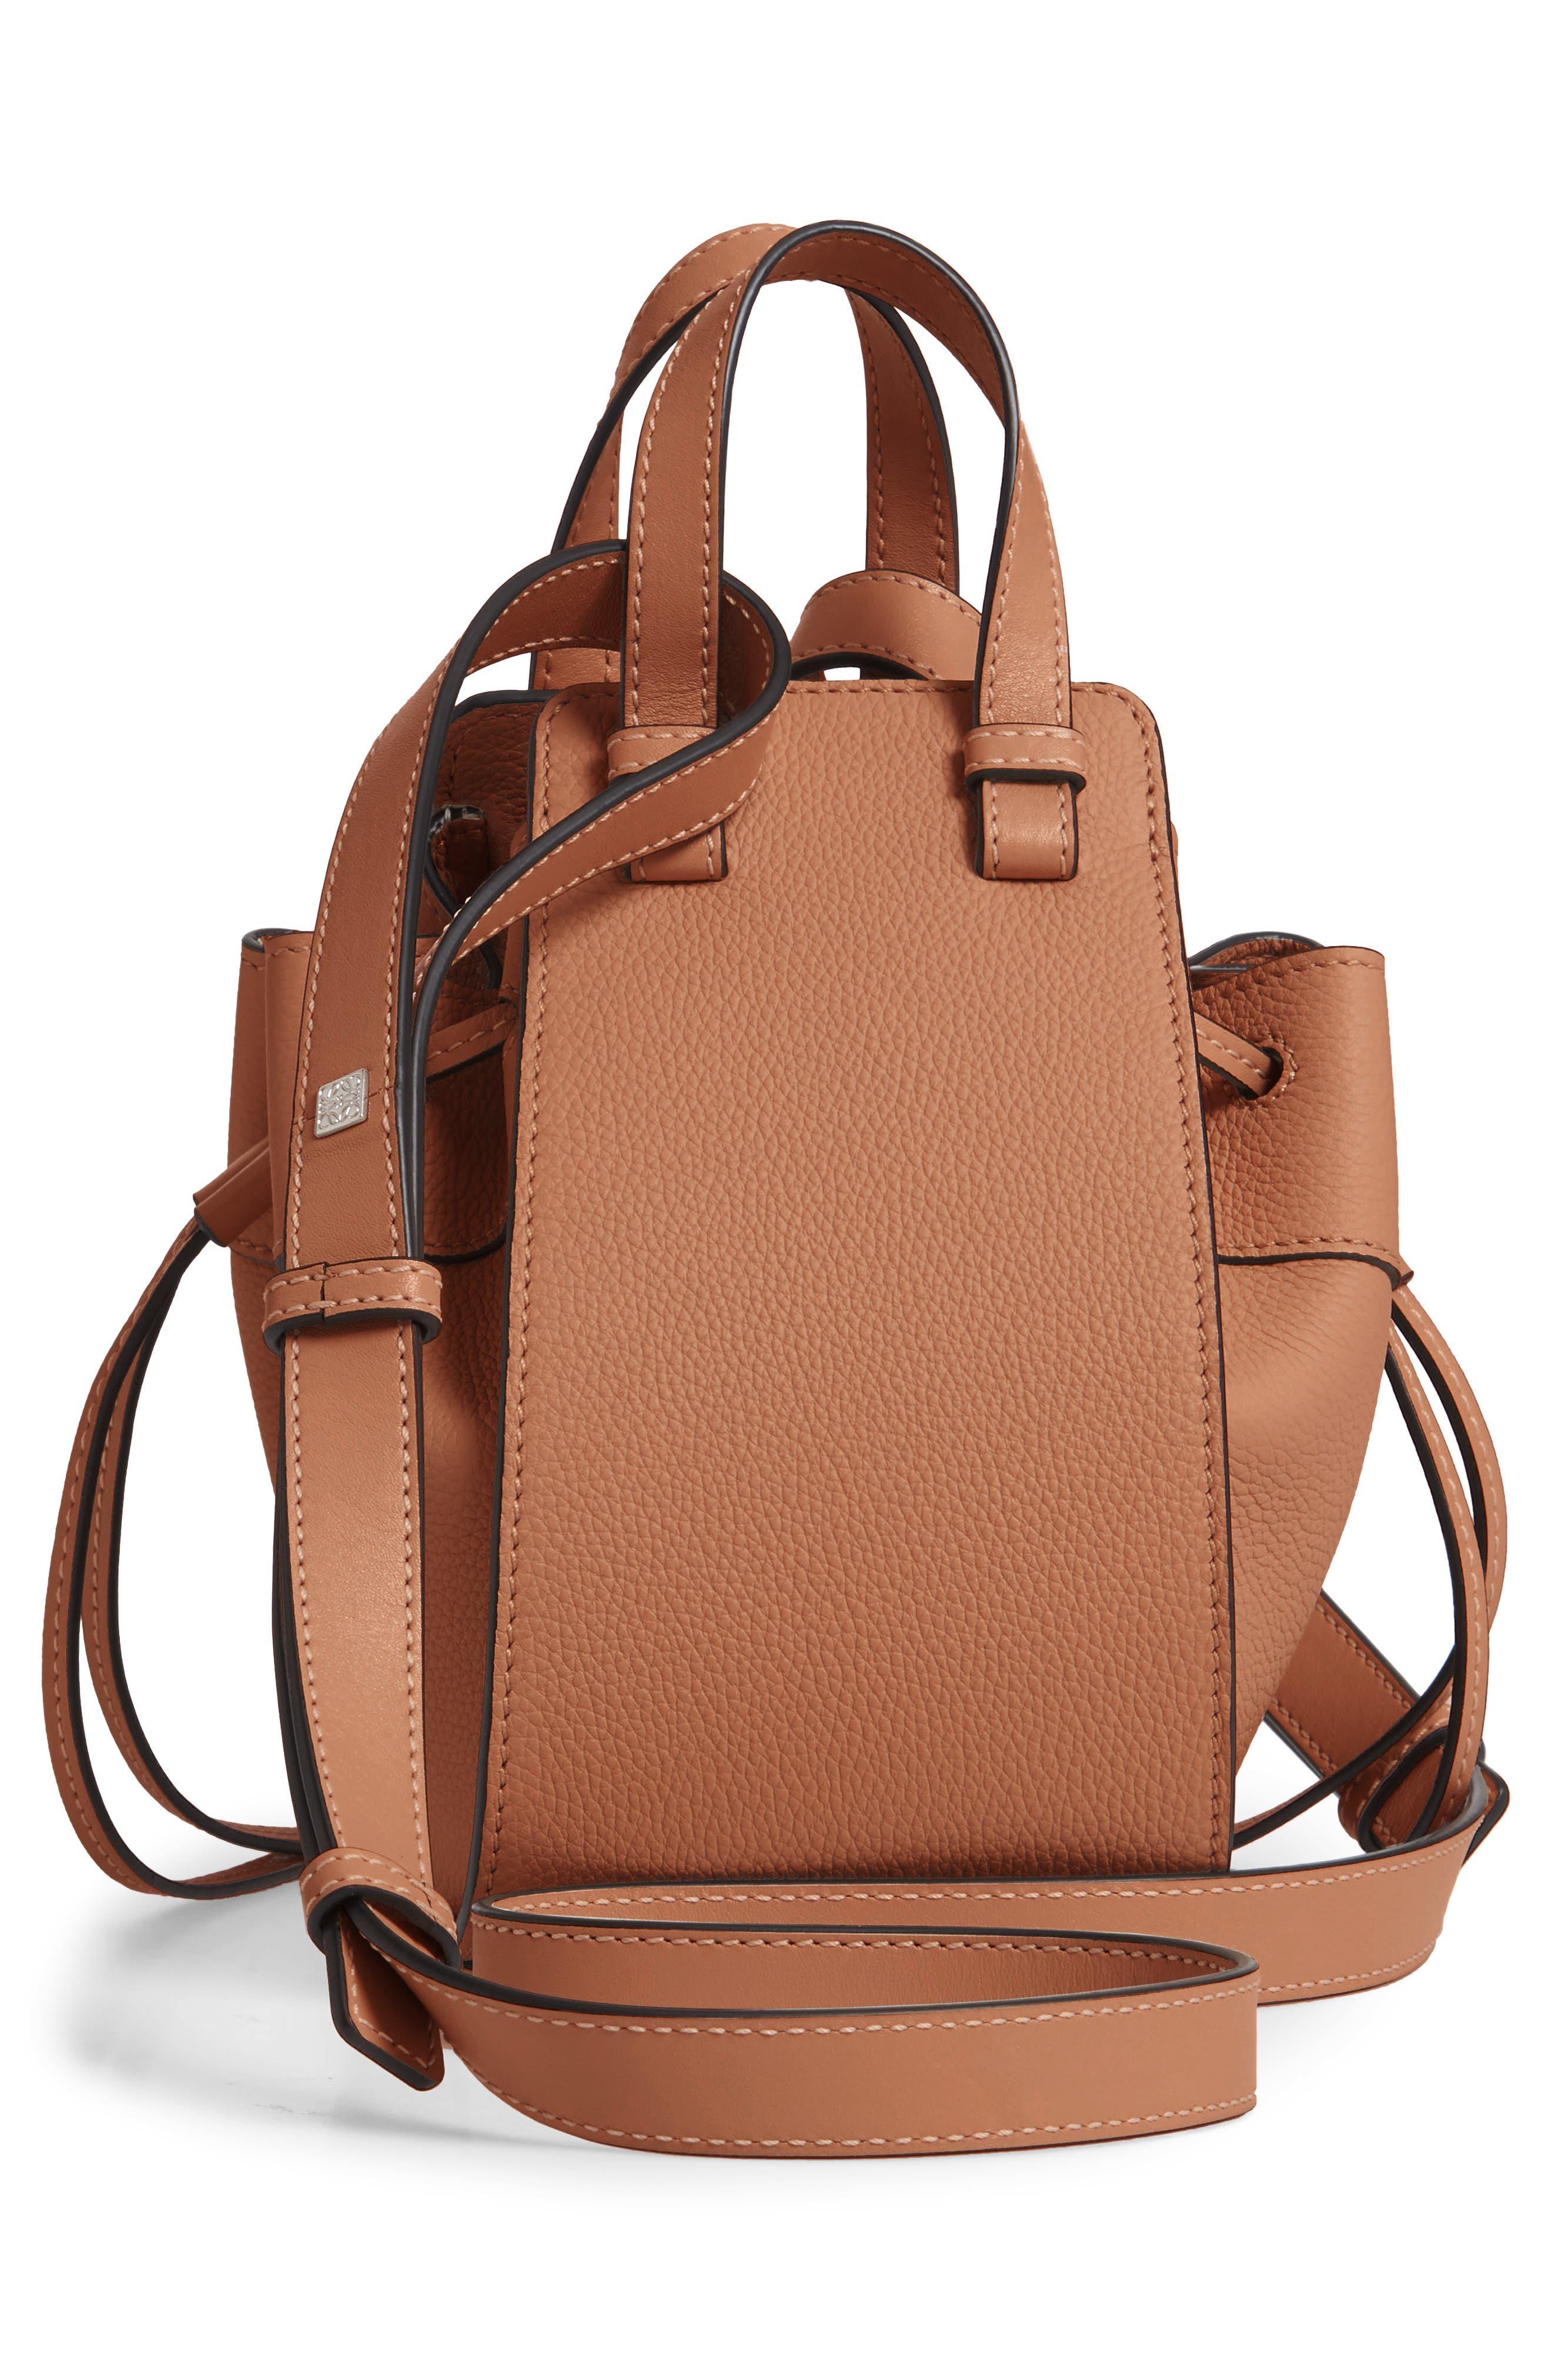 LOEWE,                             Mini Hammock Calfskin Leather Hobo Bag,                             Alternate thumbnail 4, color,                             TAN